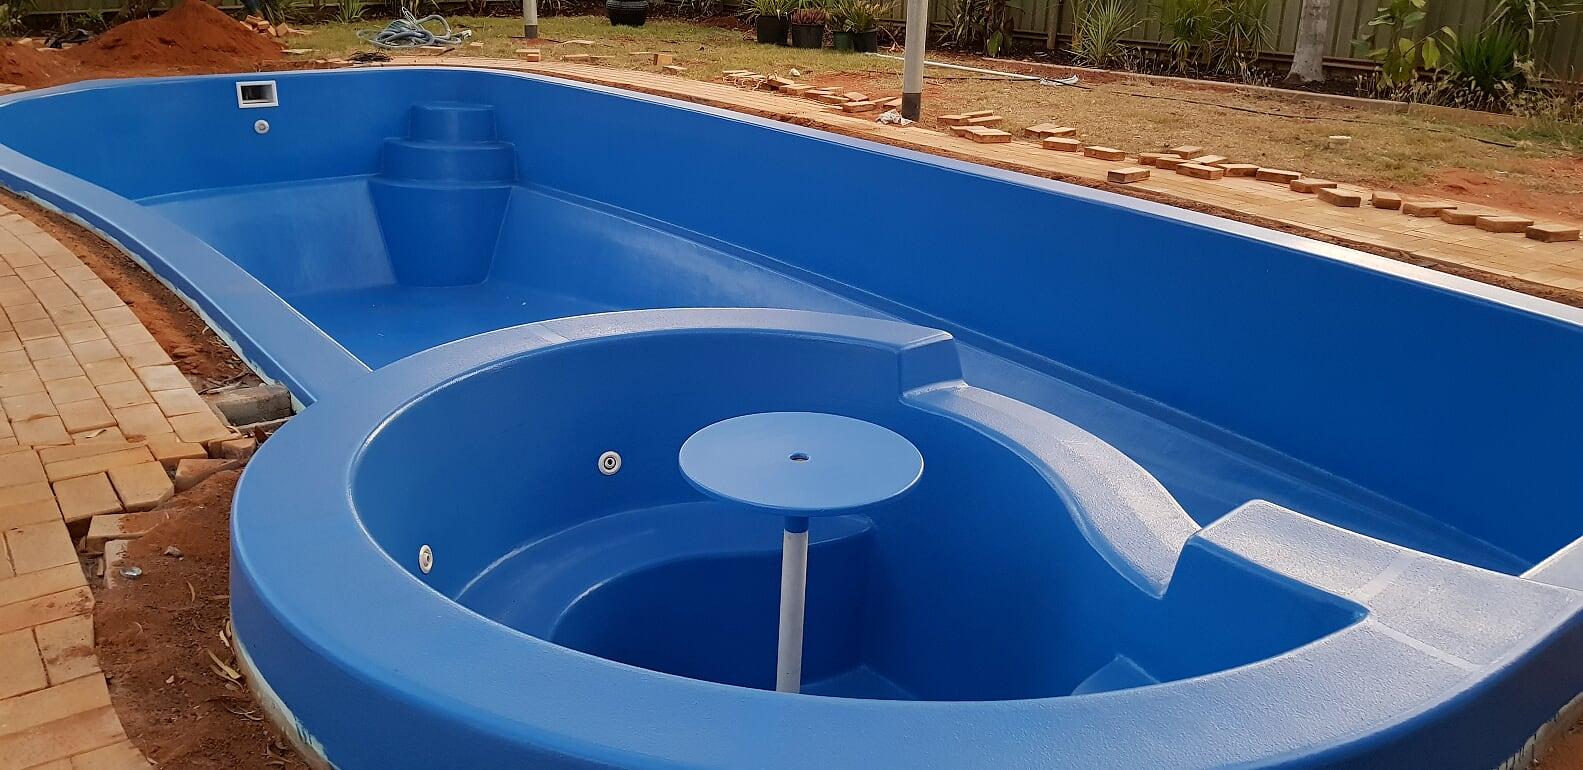 Large fibreglass pool renovation in South Hedland (after) – September 2018.